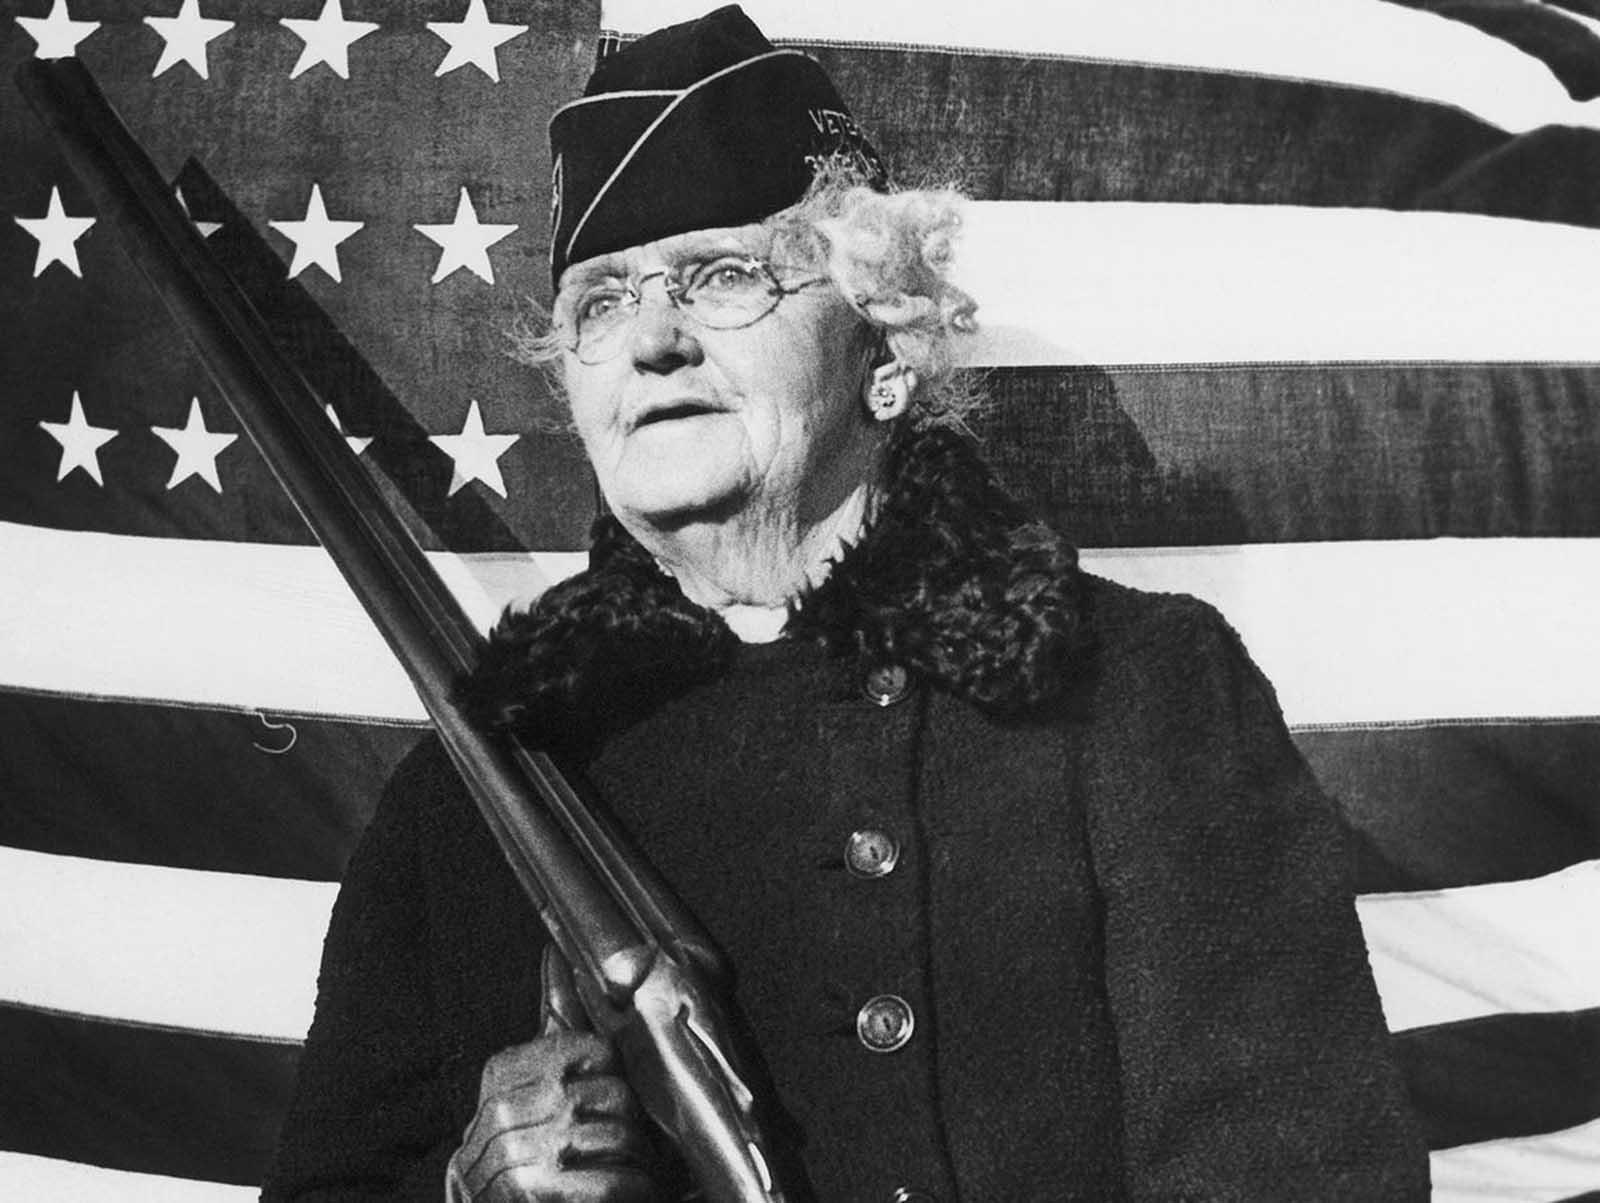 """Мисис Паул Титус, 77 г, Бъкс Каунти, Пенсилвания, 20 декември 1941 г.: """"Мога да извадя оръжието във всеки един момент, в който ме повикат""""."""